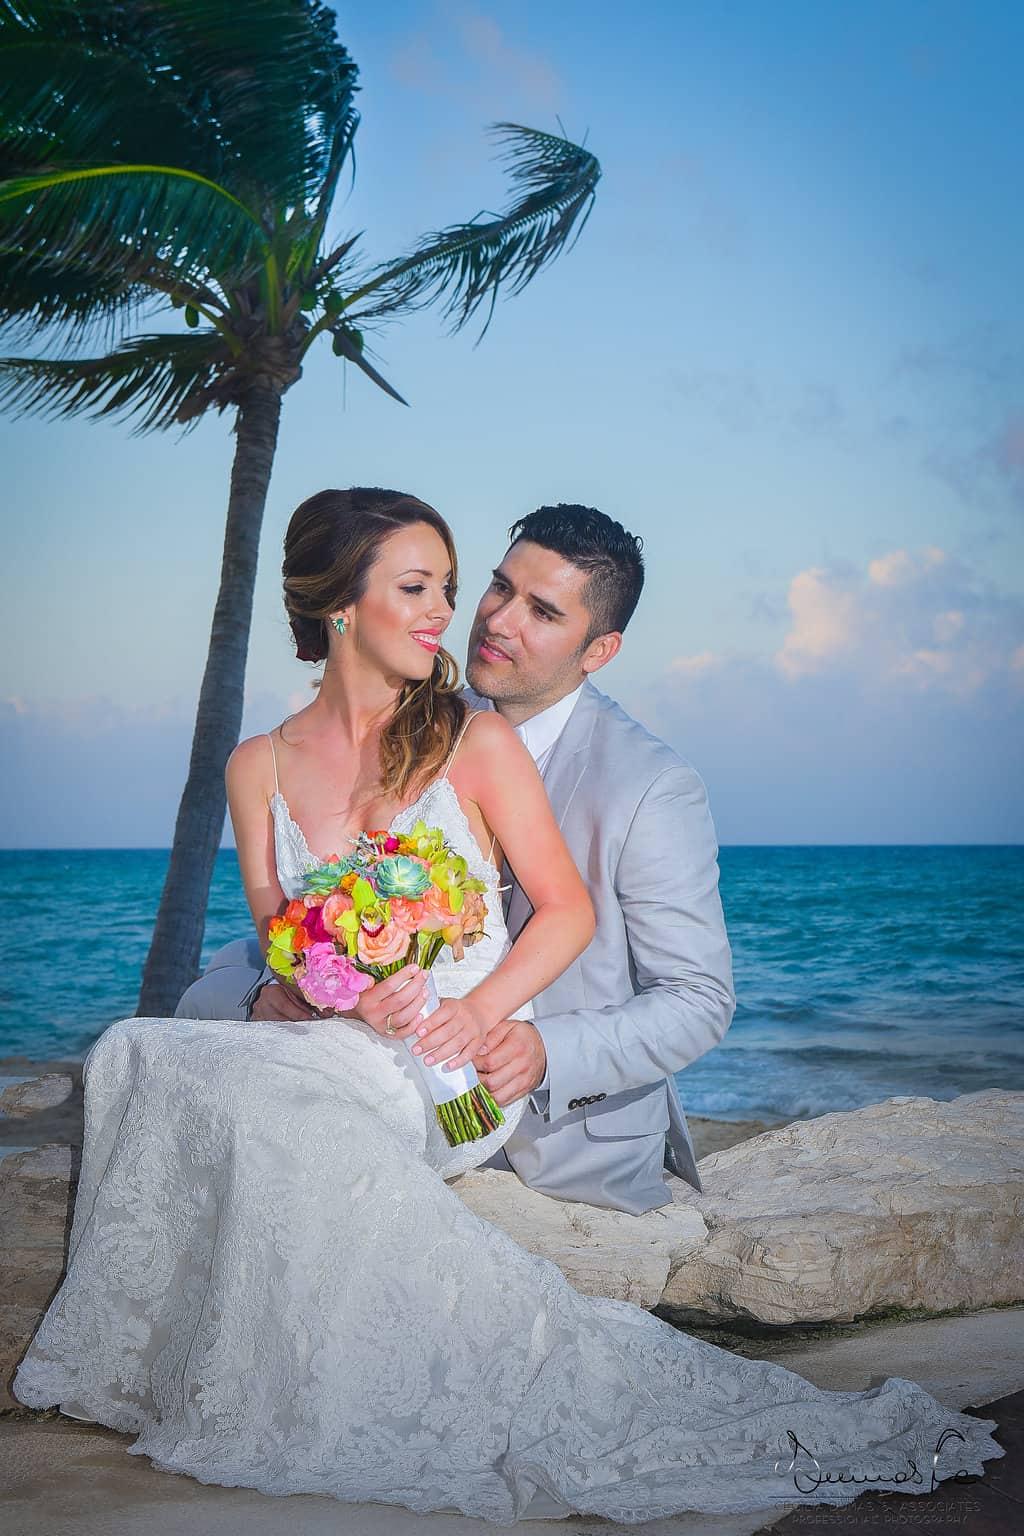 mahekalhotel-playadelcarmen-weddingphotography-lindseyalfredo117